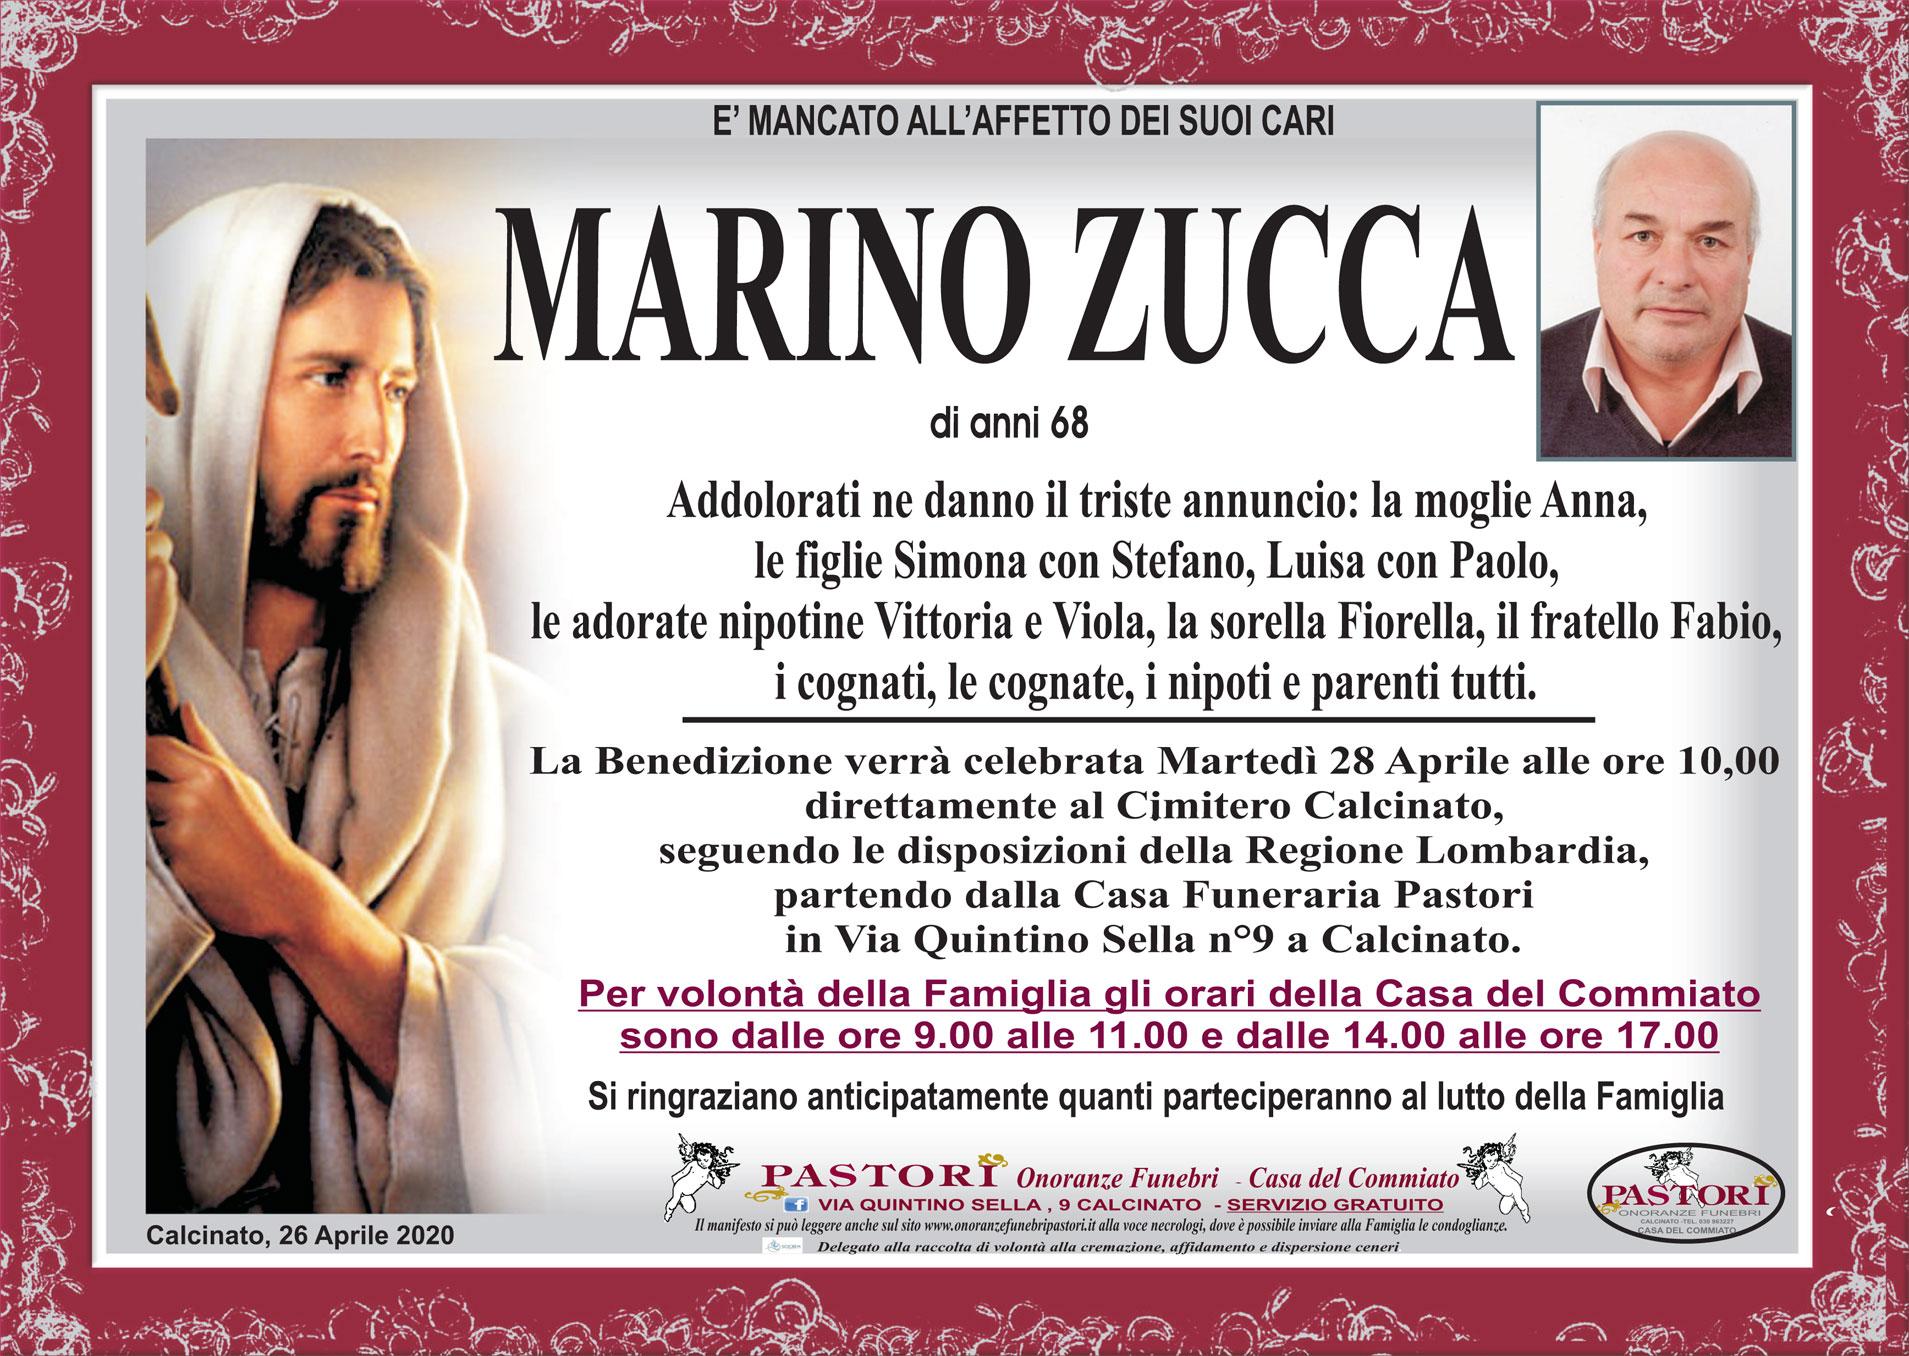 Marino Zucca